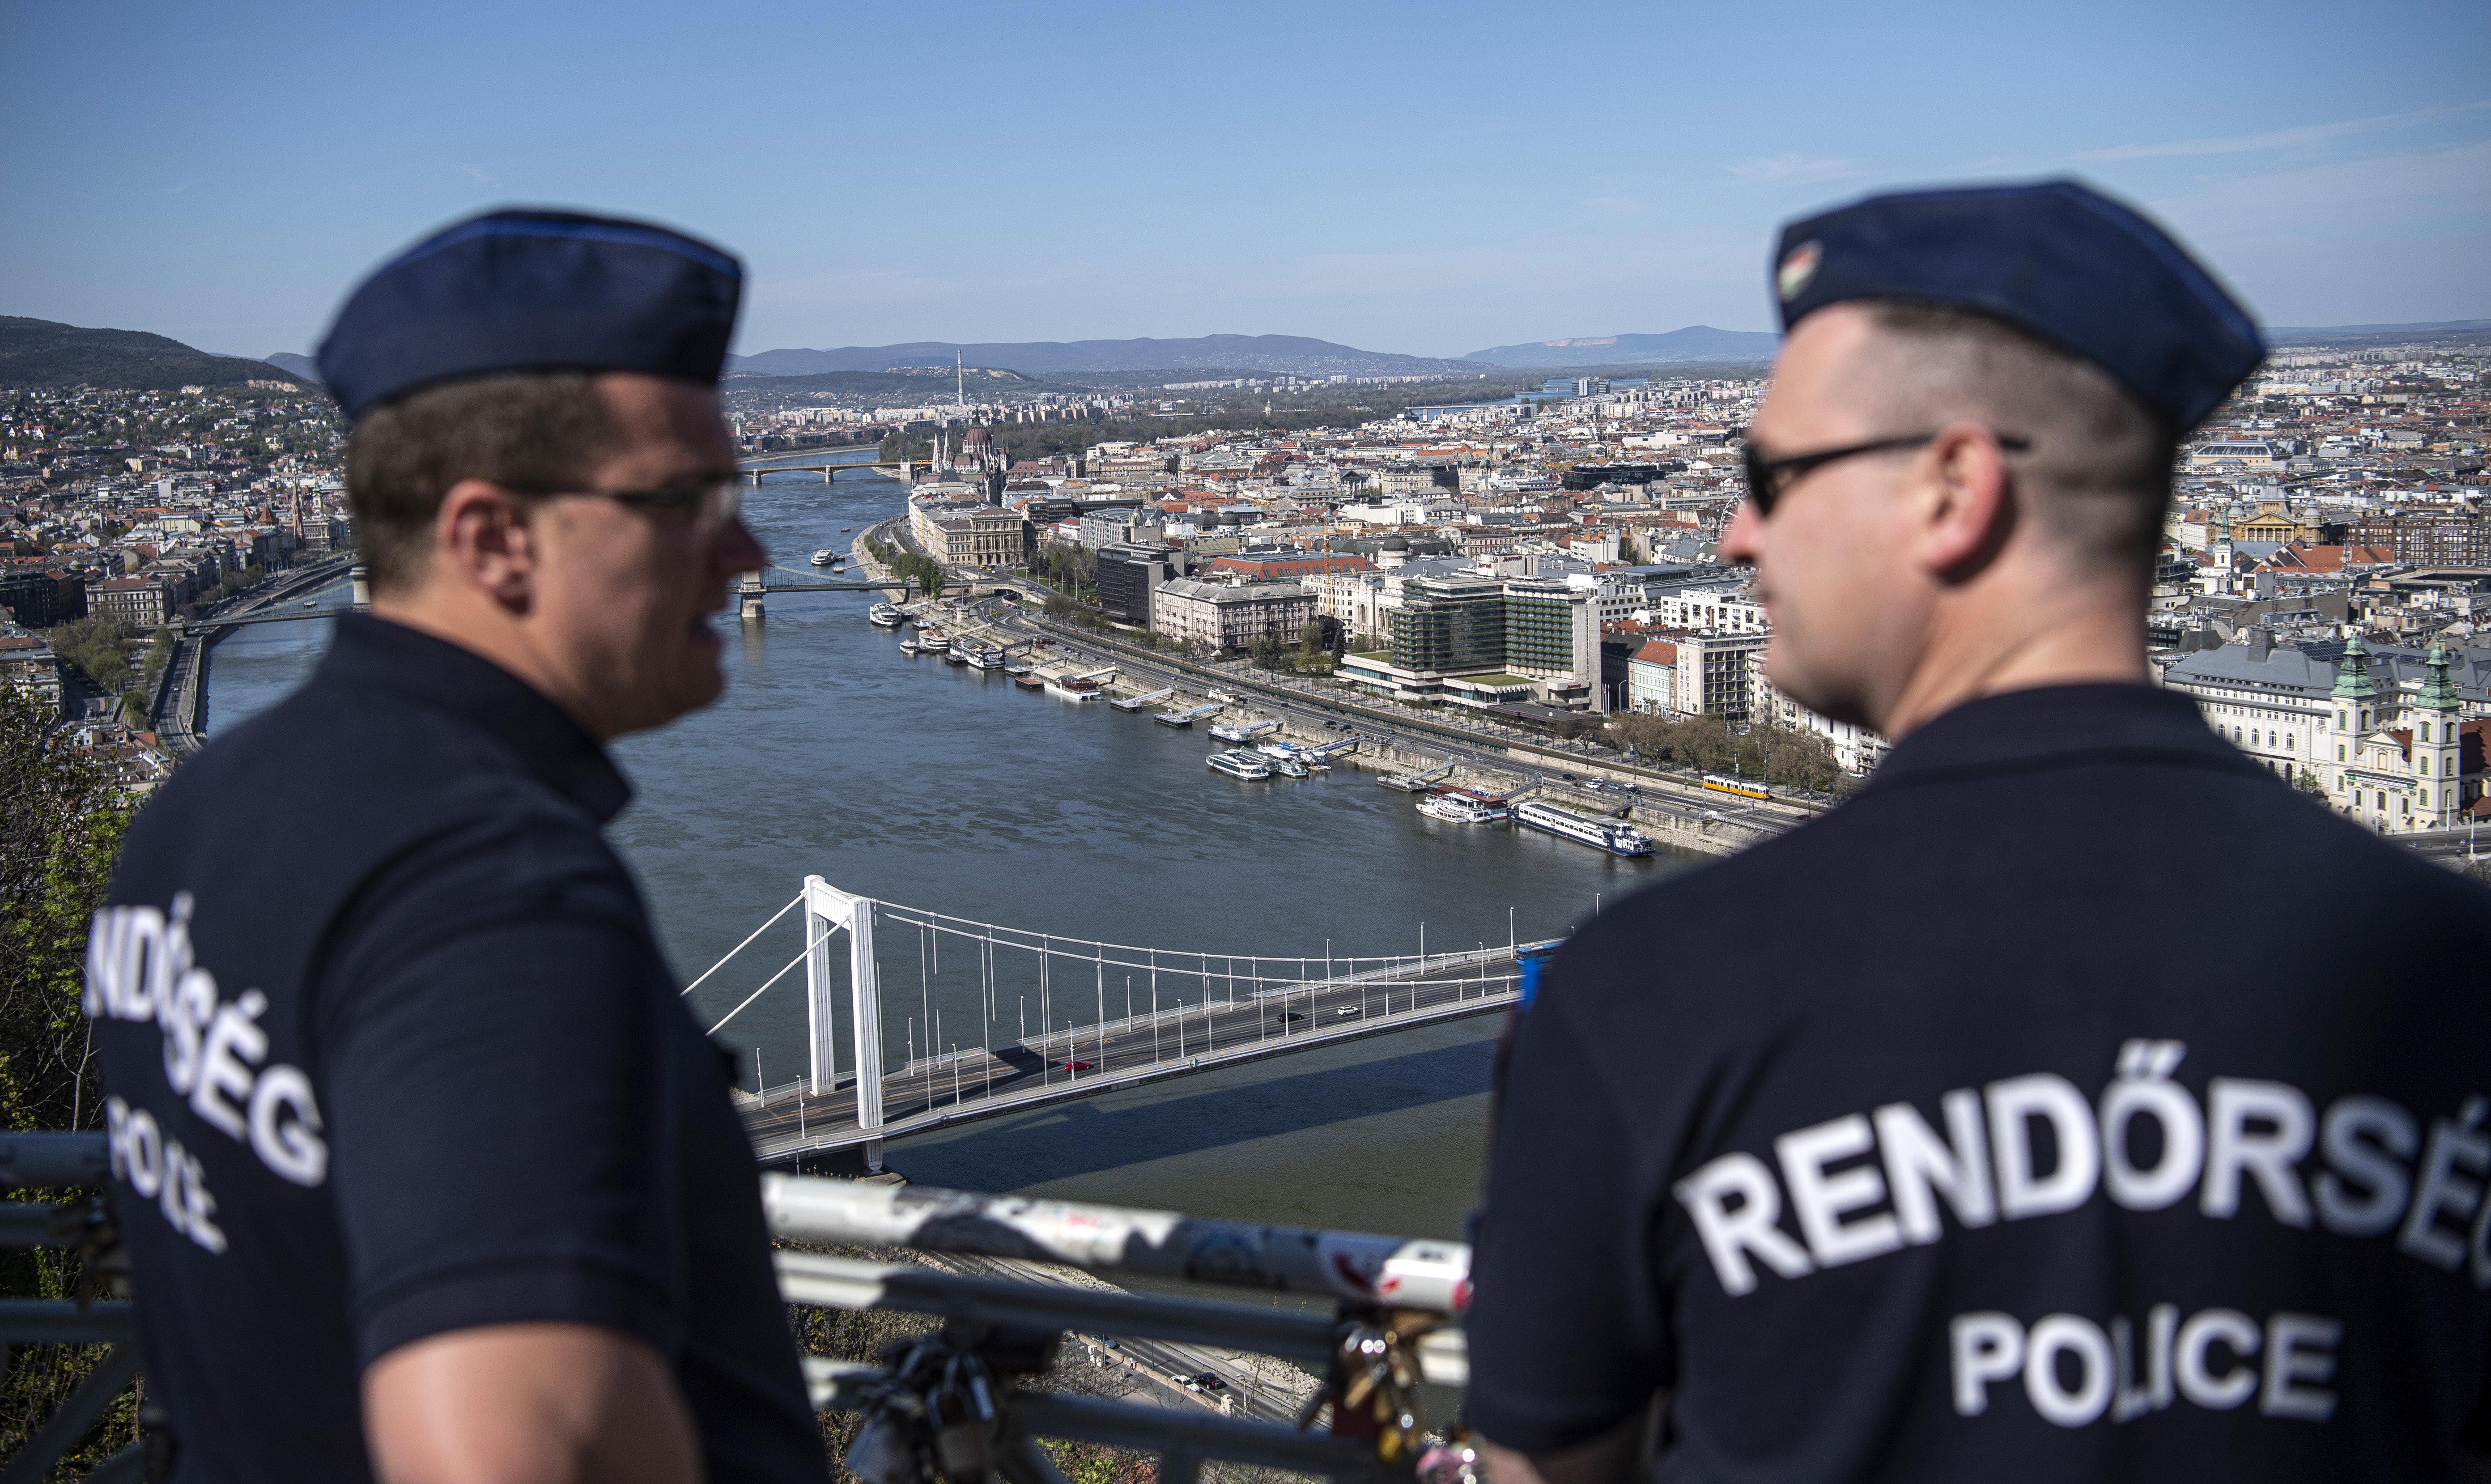 A budapestiek csak nagyon alapos okkal hagyhatják el a várost